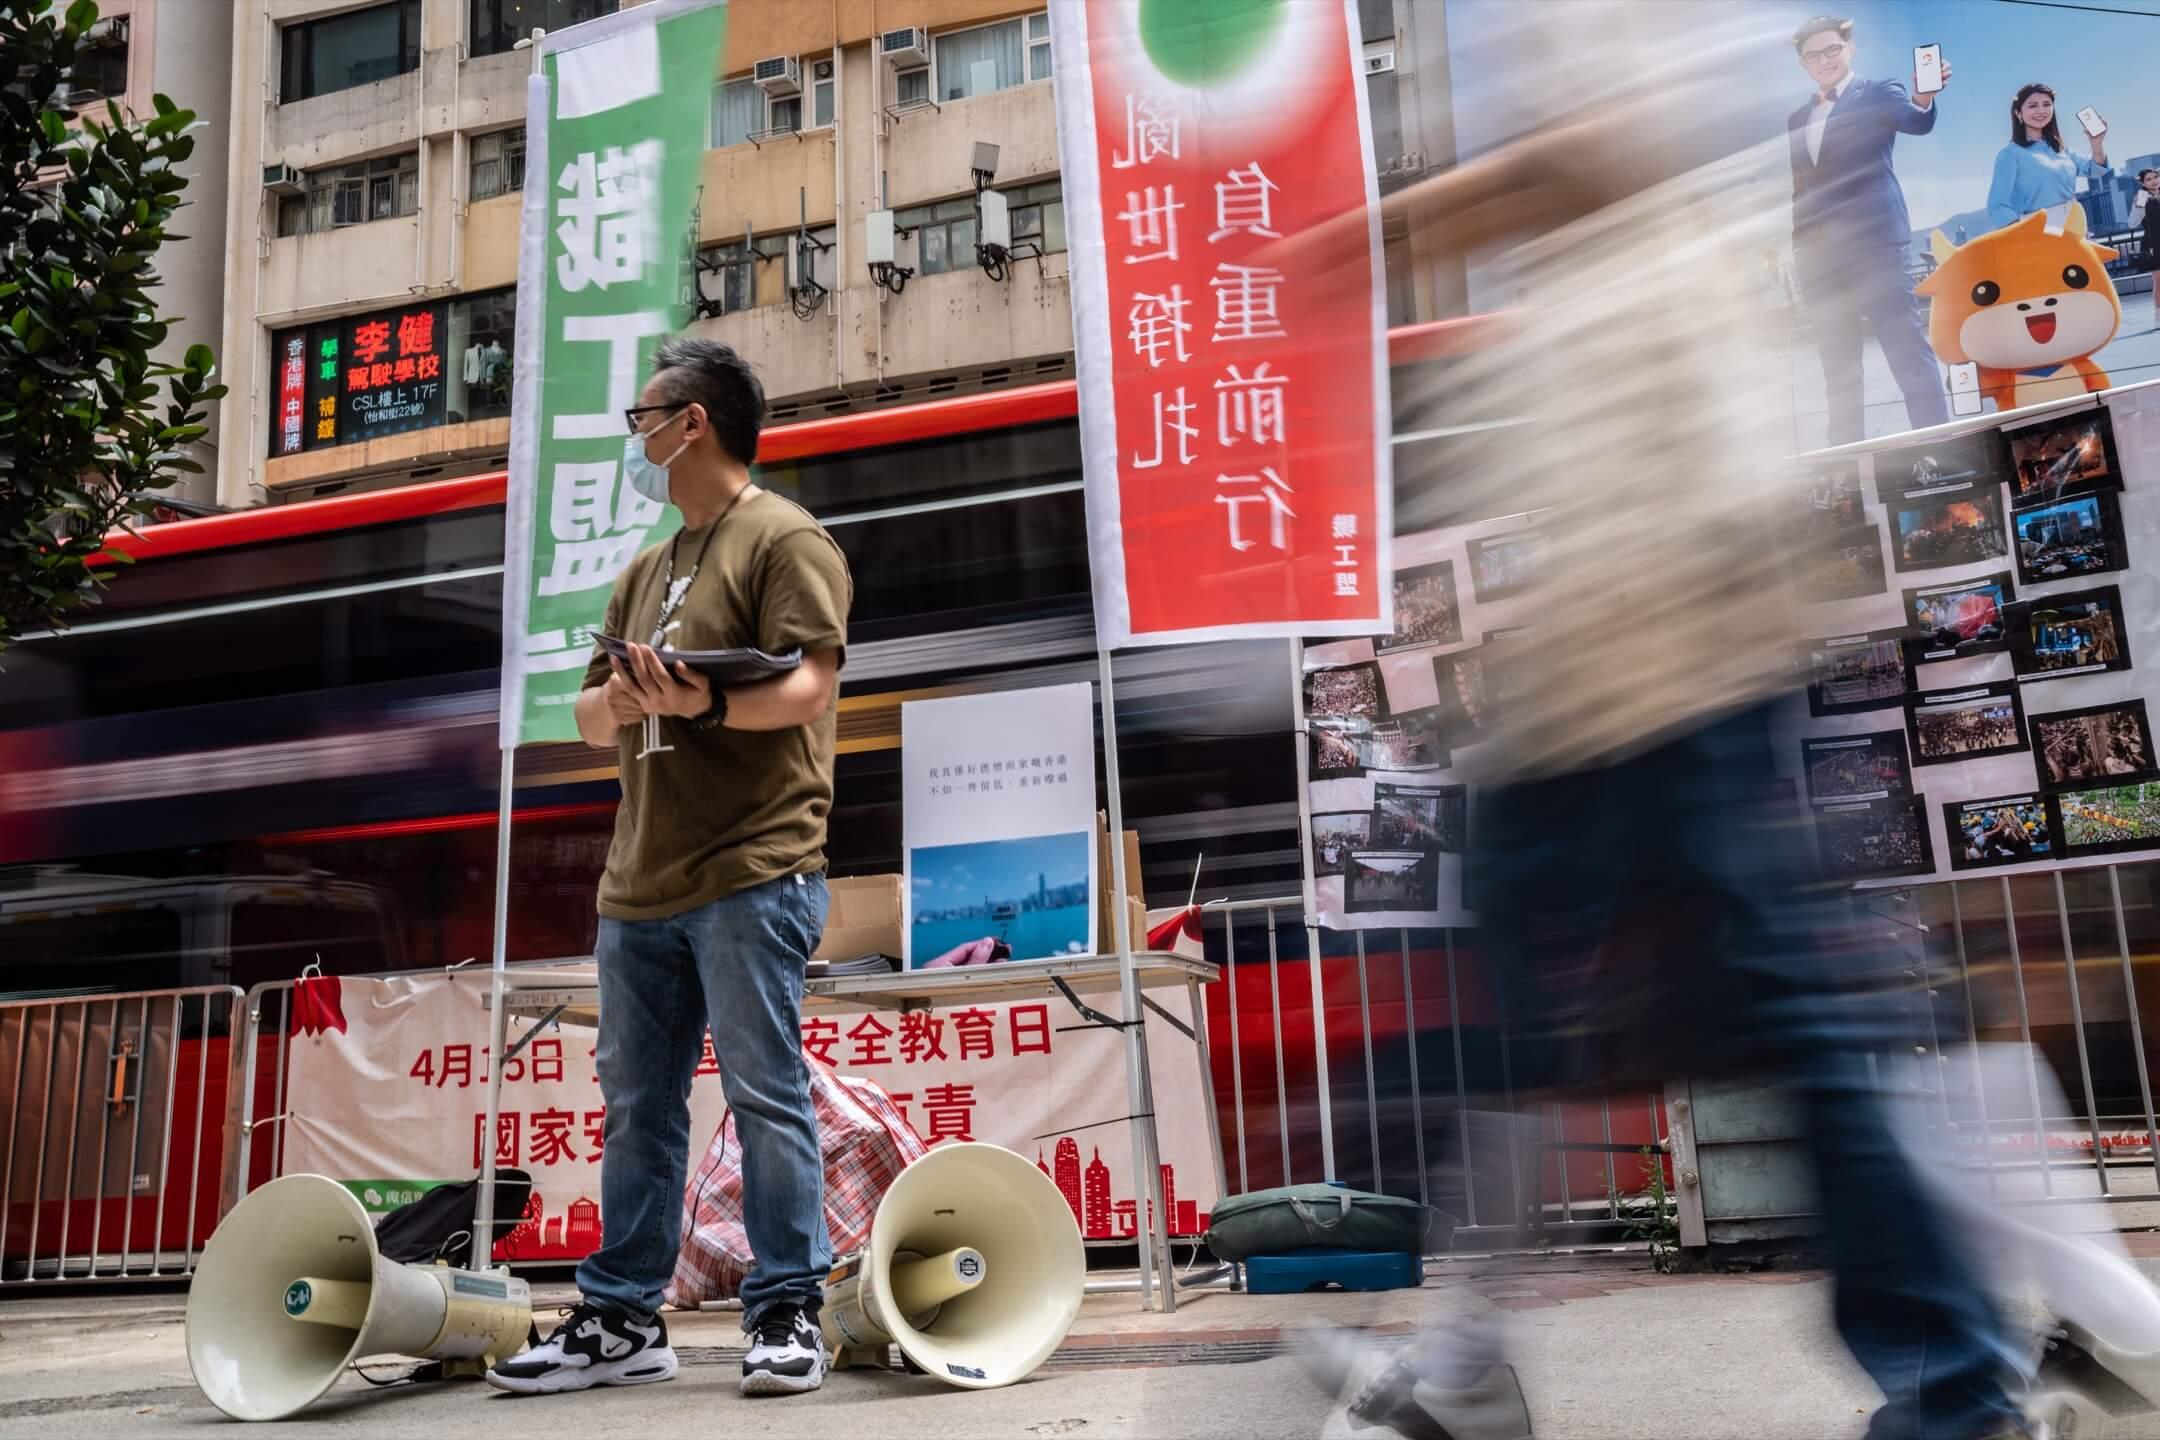 2021年5月1日,勞動節,職工盟以「亂世掙扎,負重前行」為題,在銅鑼灣擺設街站派宣傳單張。 攝:Stanley Leung/端傳媒